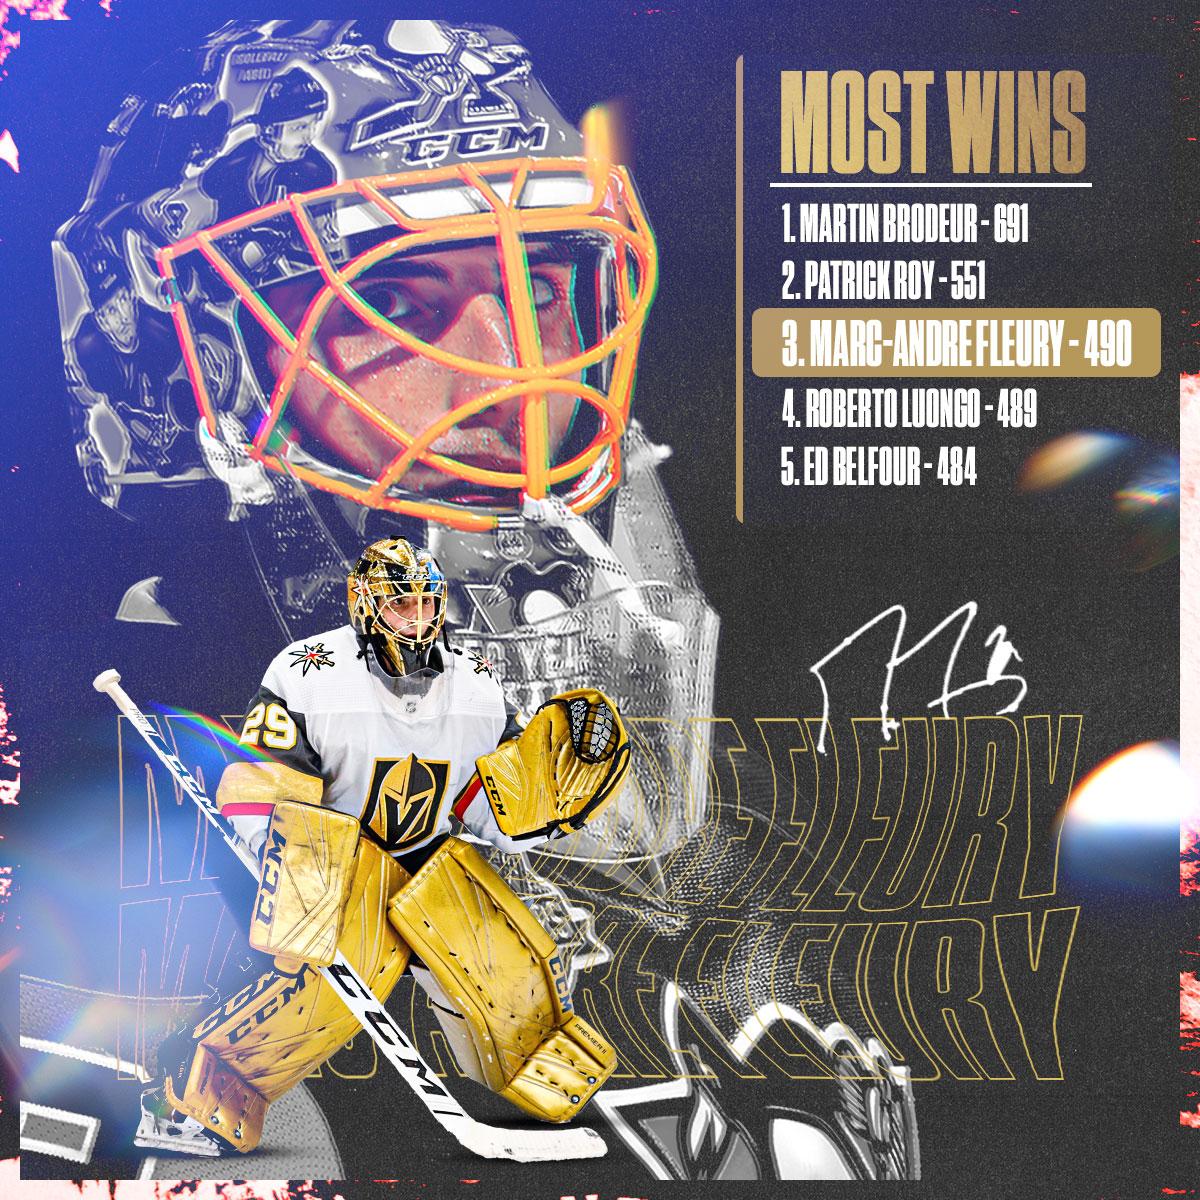 @NHLonNBCSports's photo on Fleury